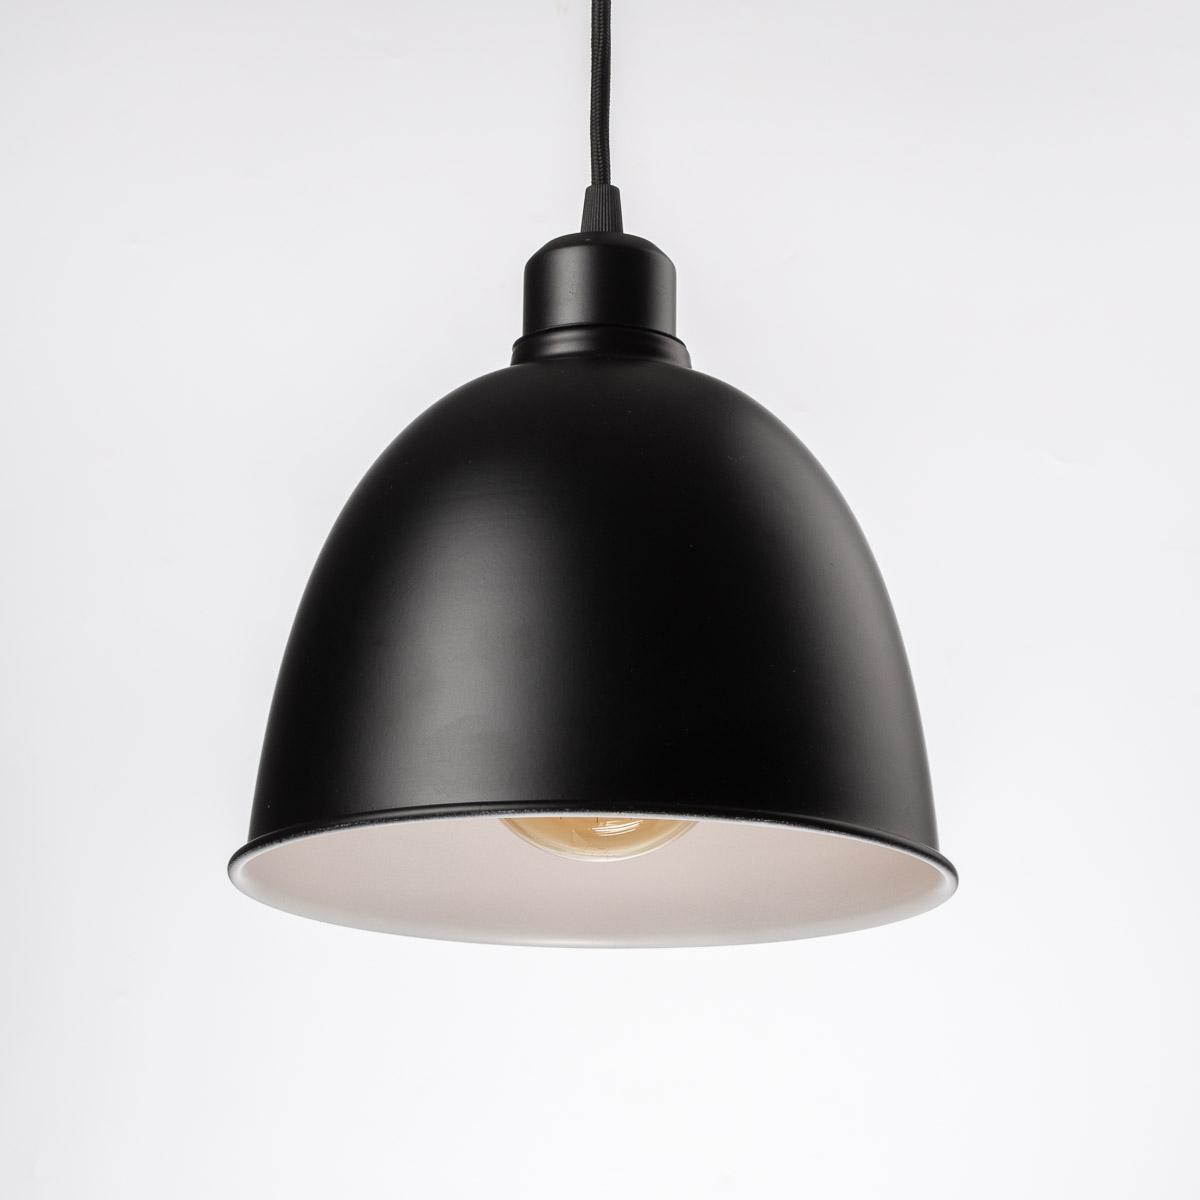 Потолочный светильник Astrid черный